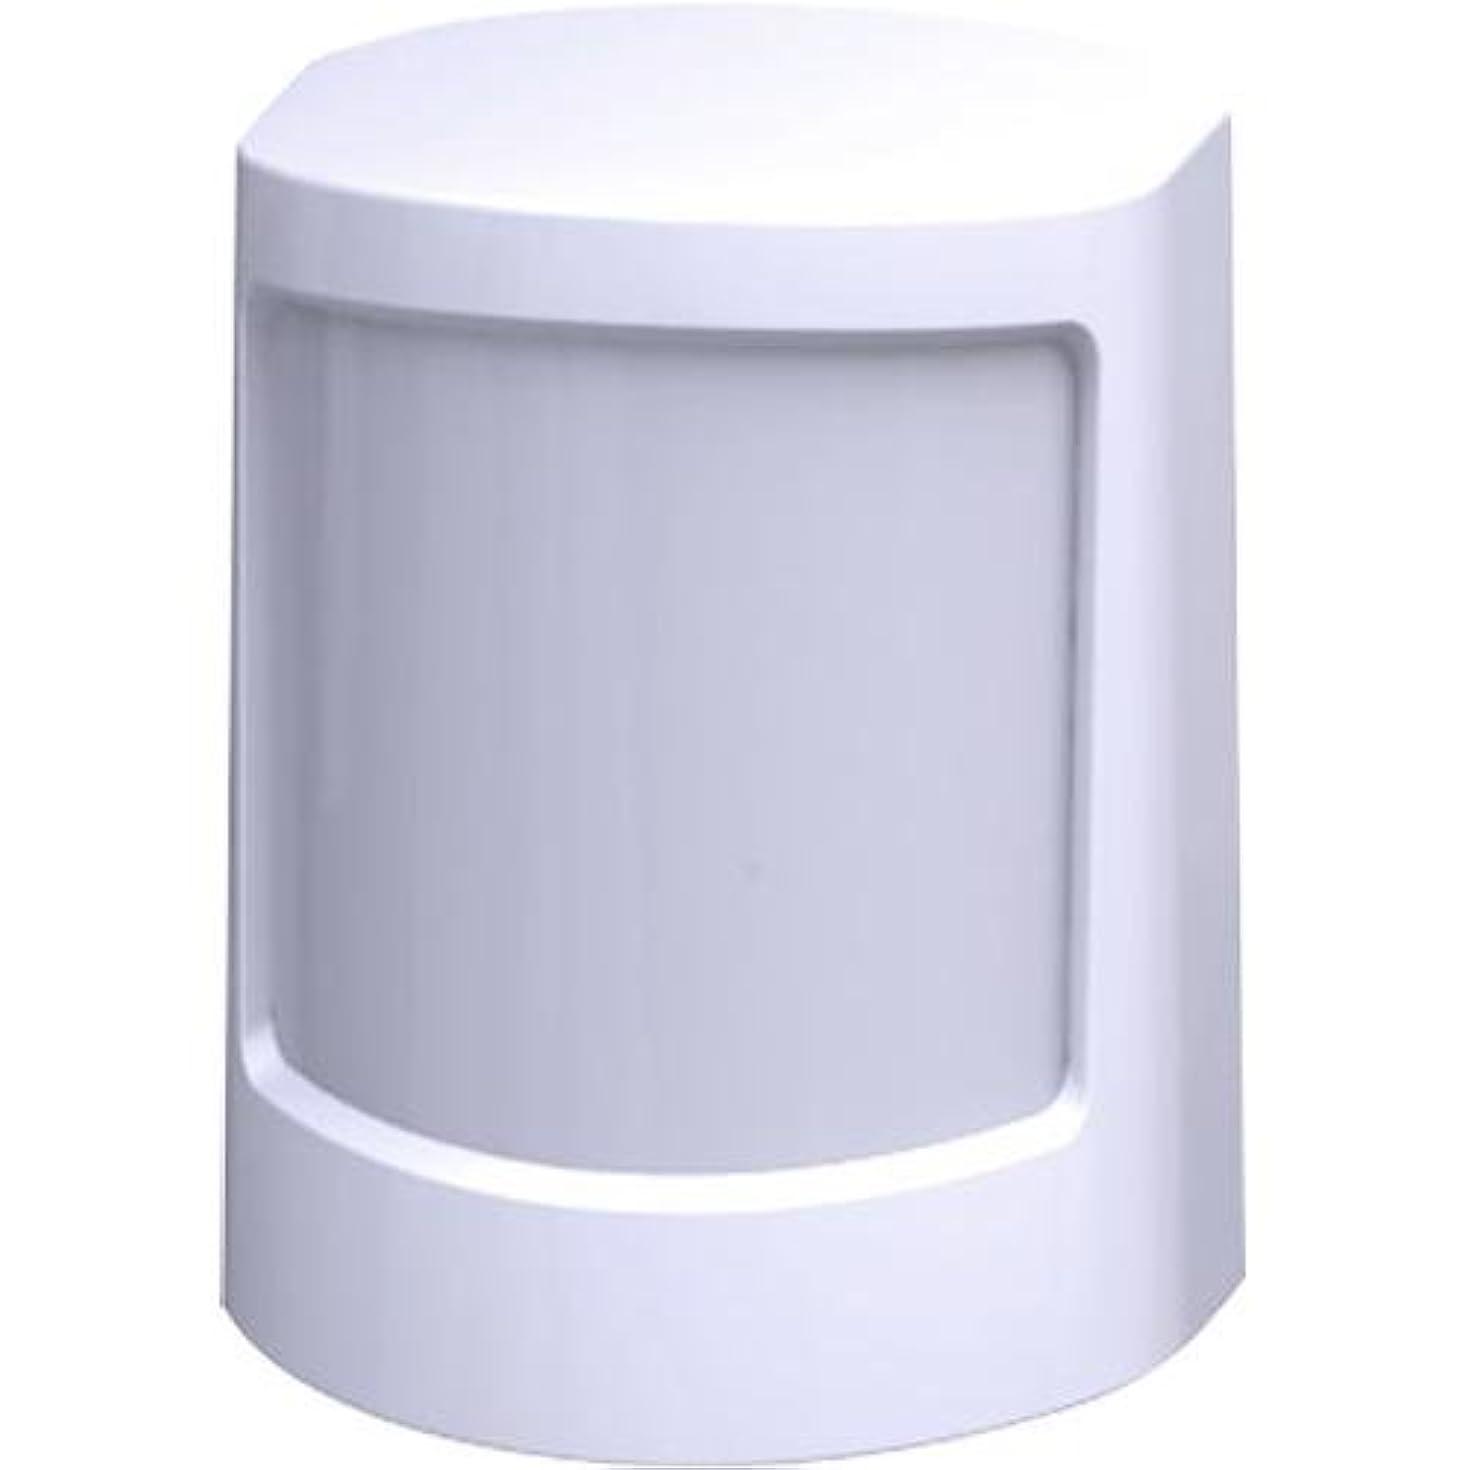 SimpliSafe MS1 Extra Motion Sensor ( Original System)